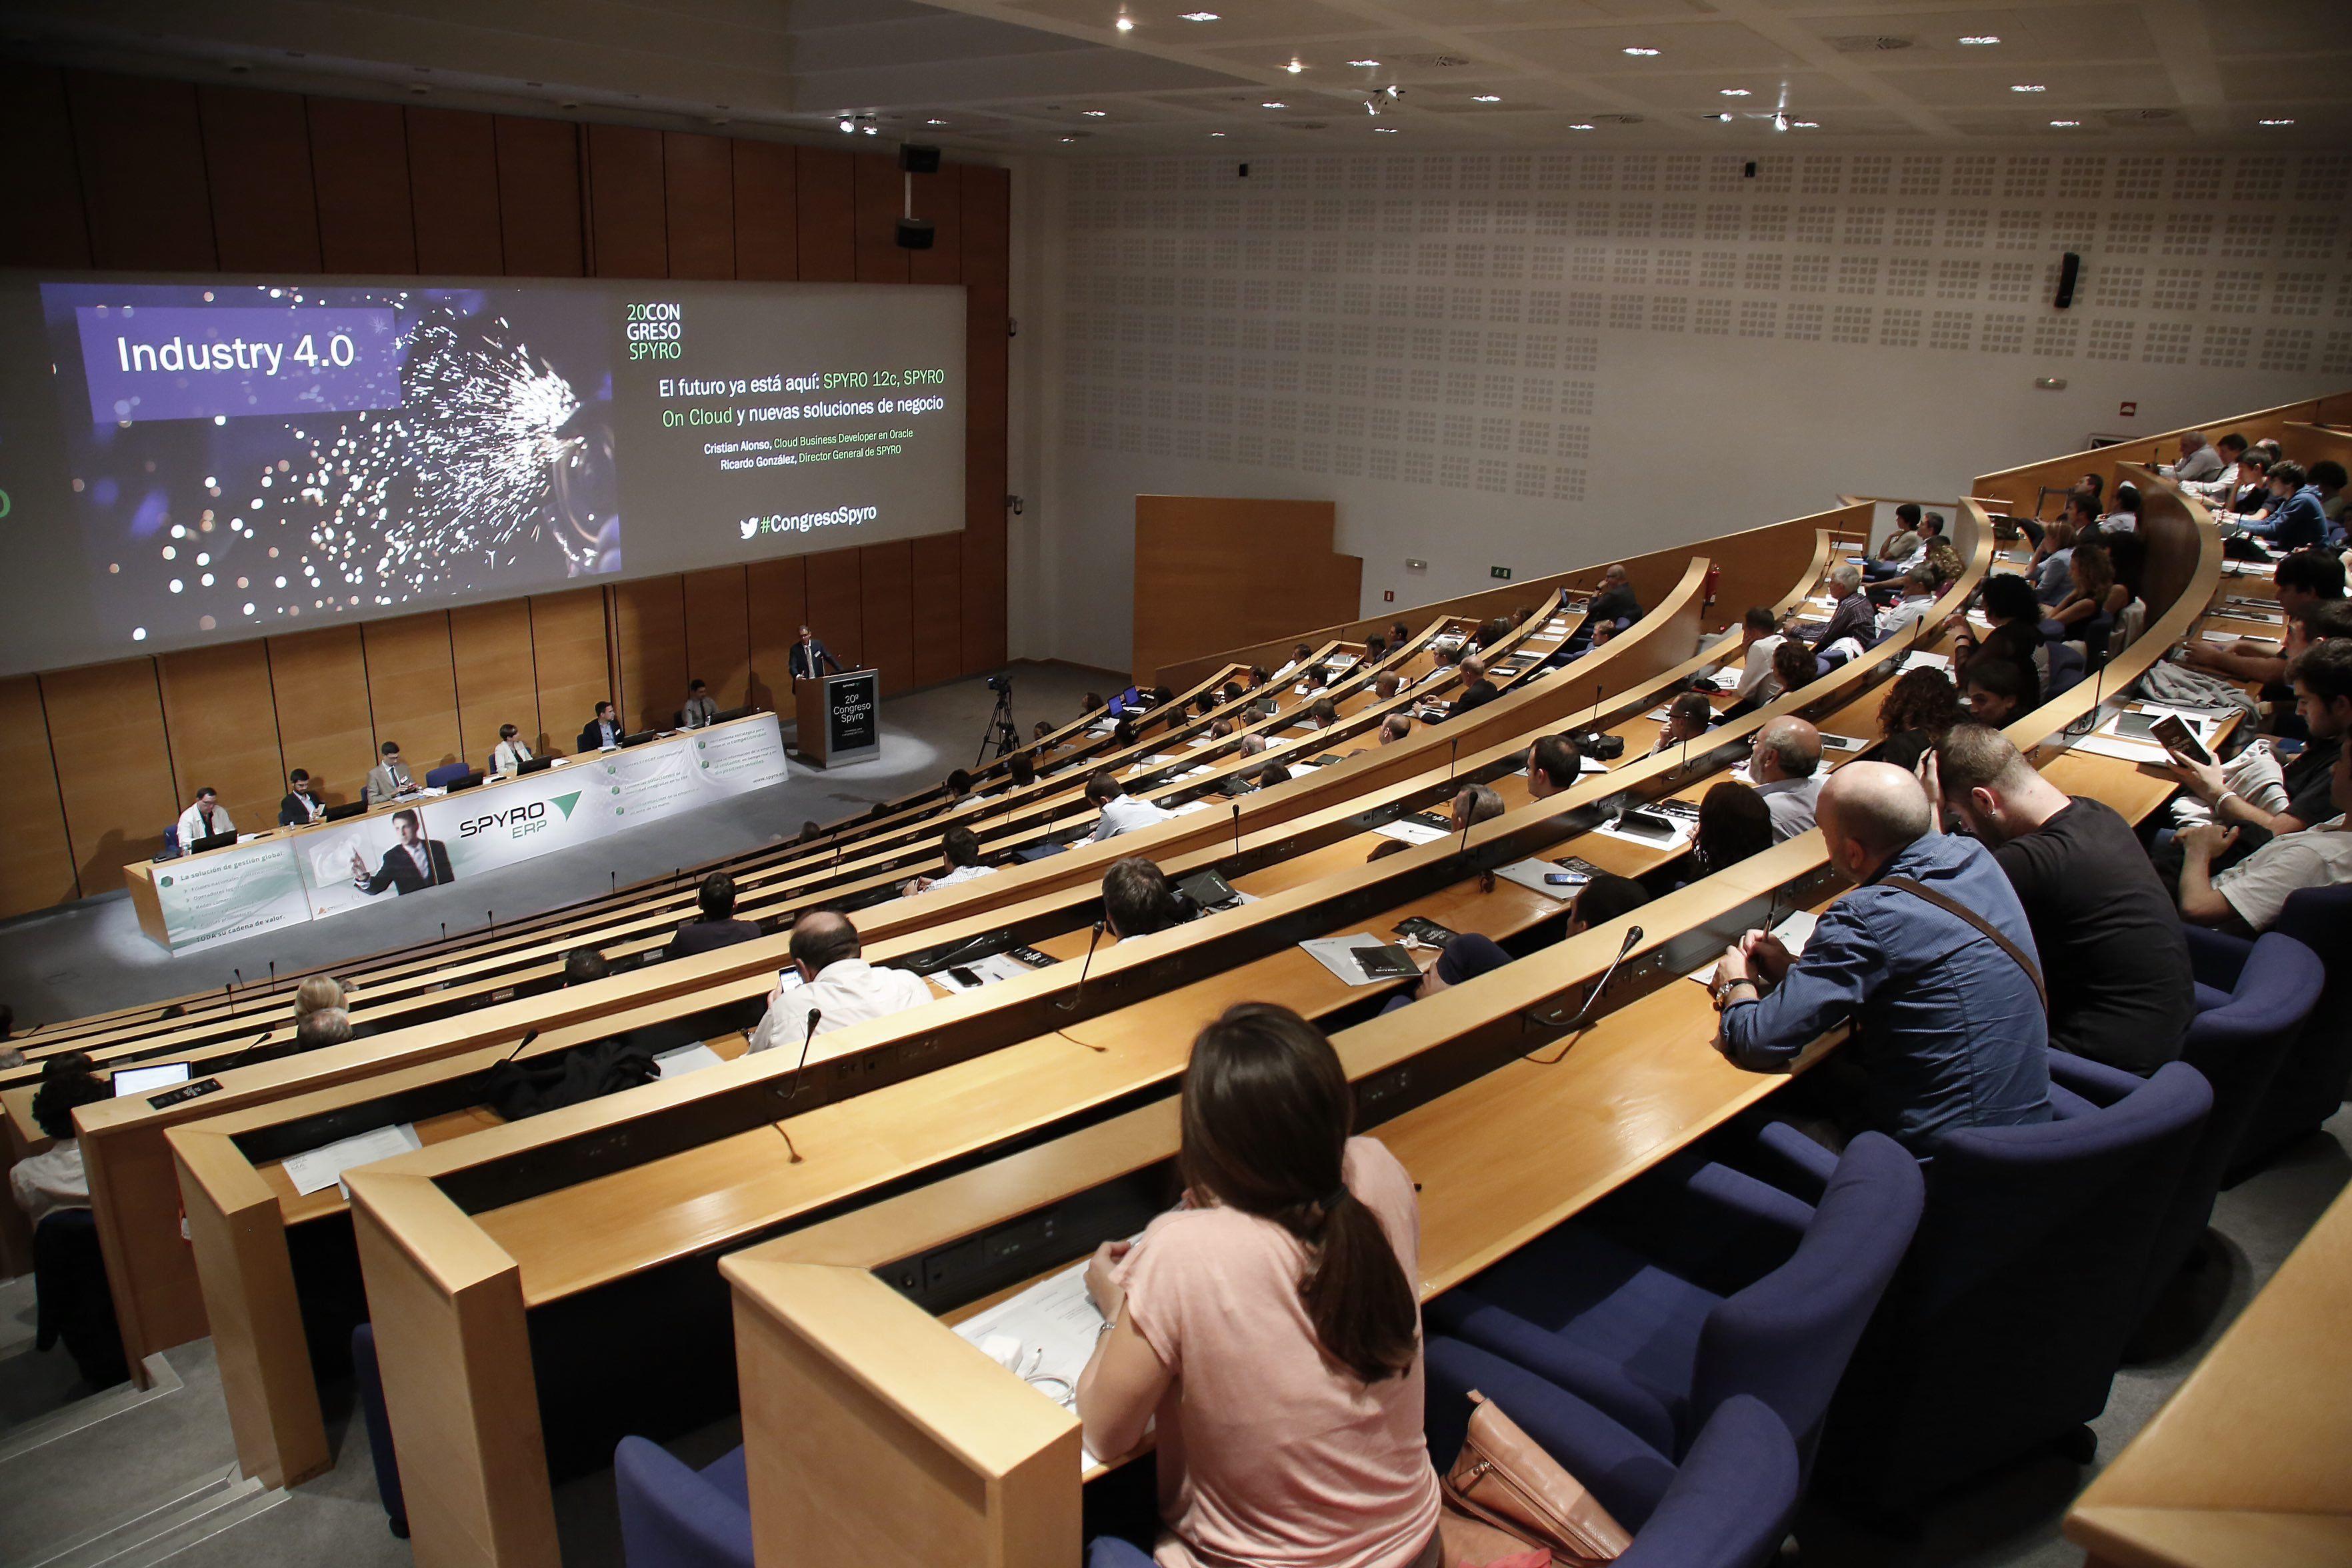 Foto de FOTO: Imagen del anterior Congreso SPYRO.